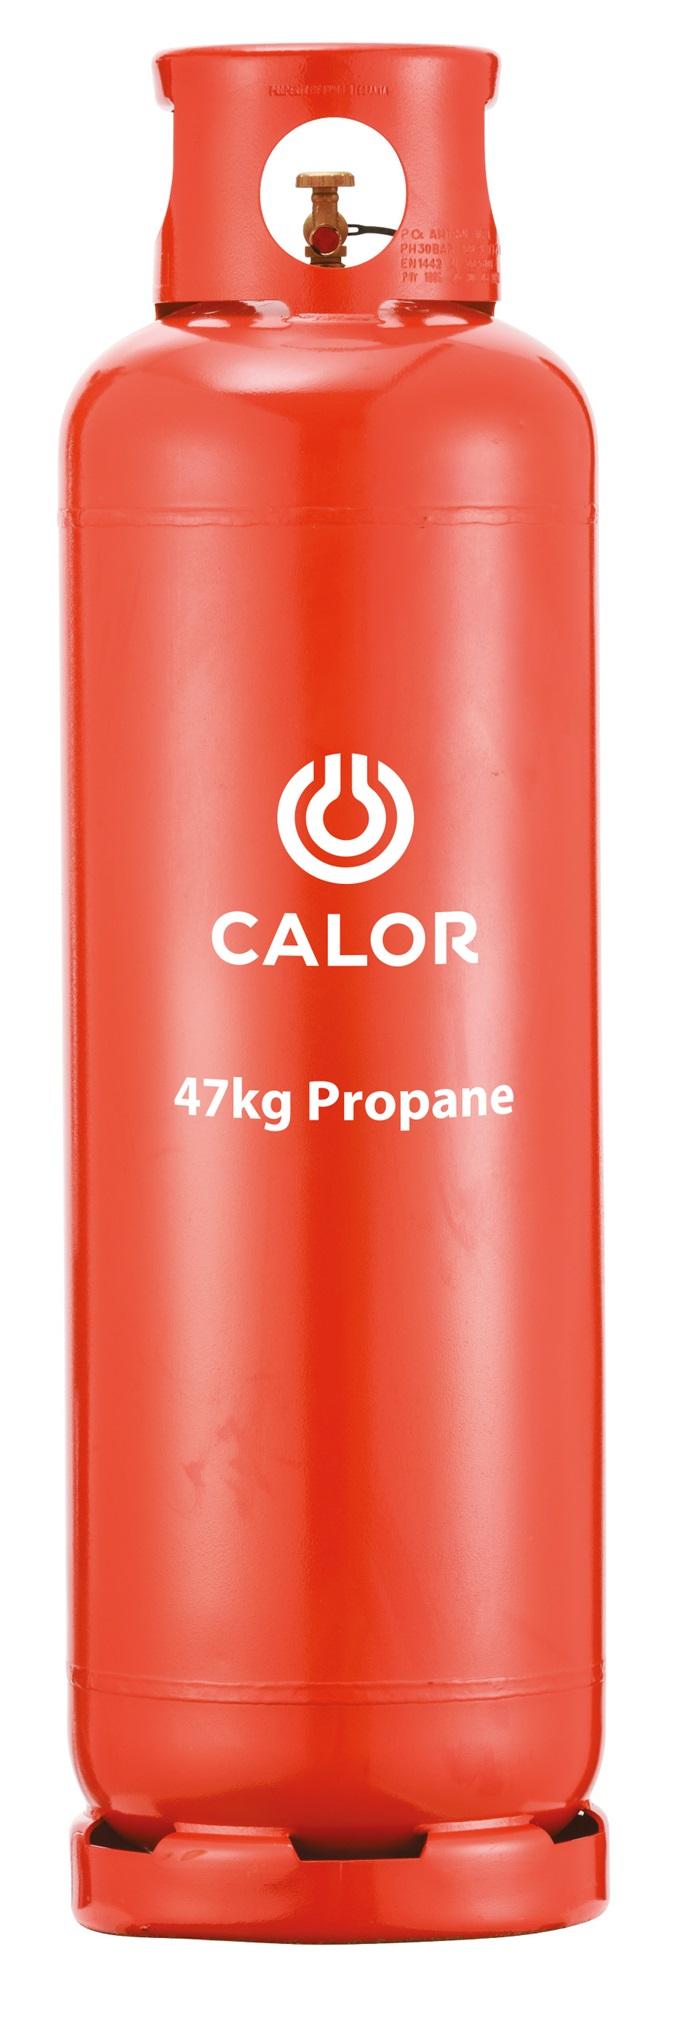 47kg Propane Cylinder Image